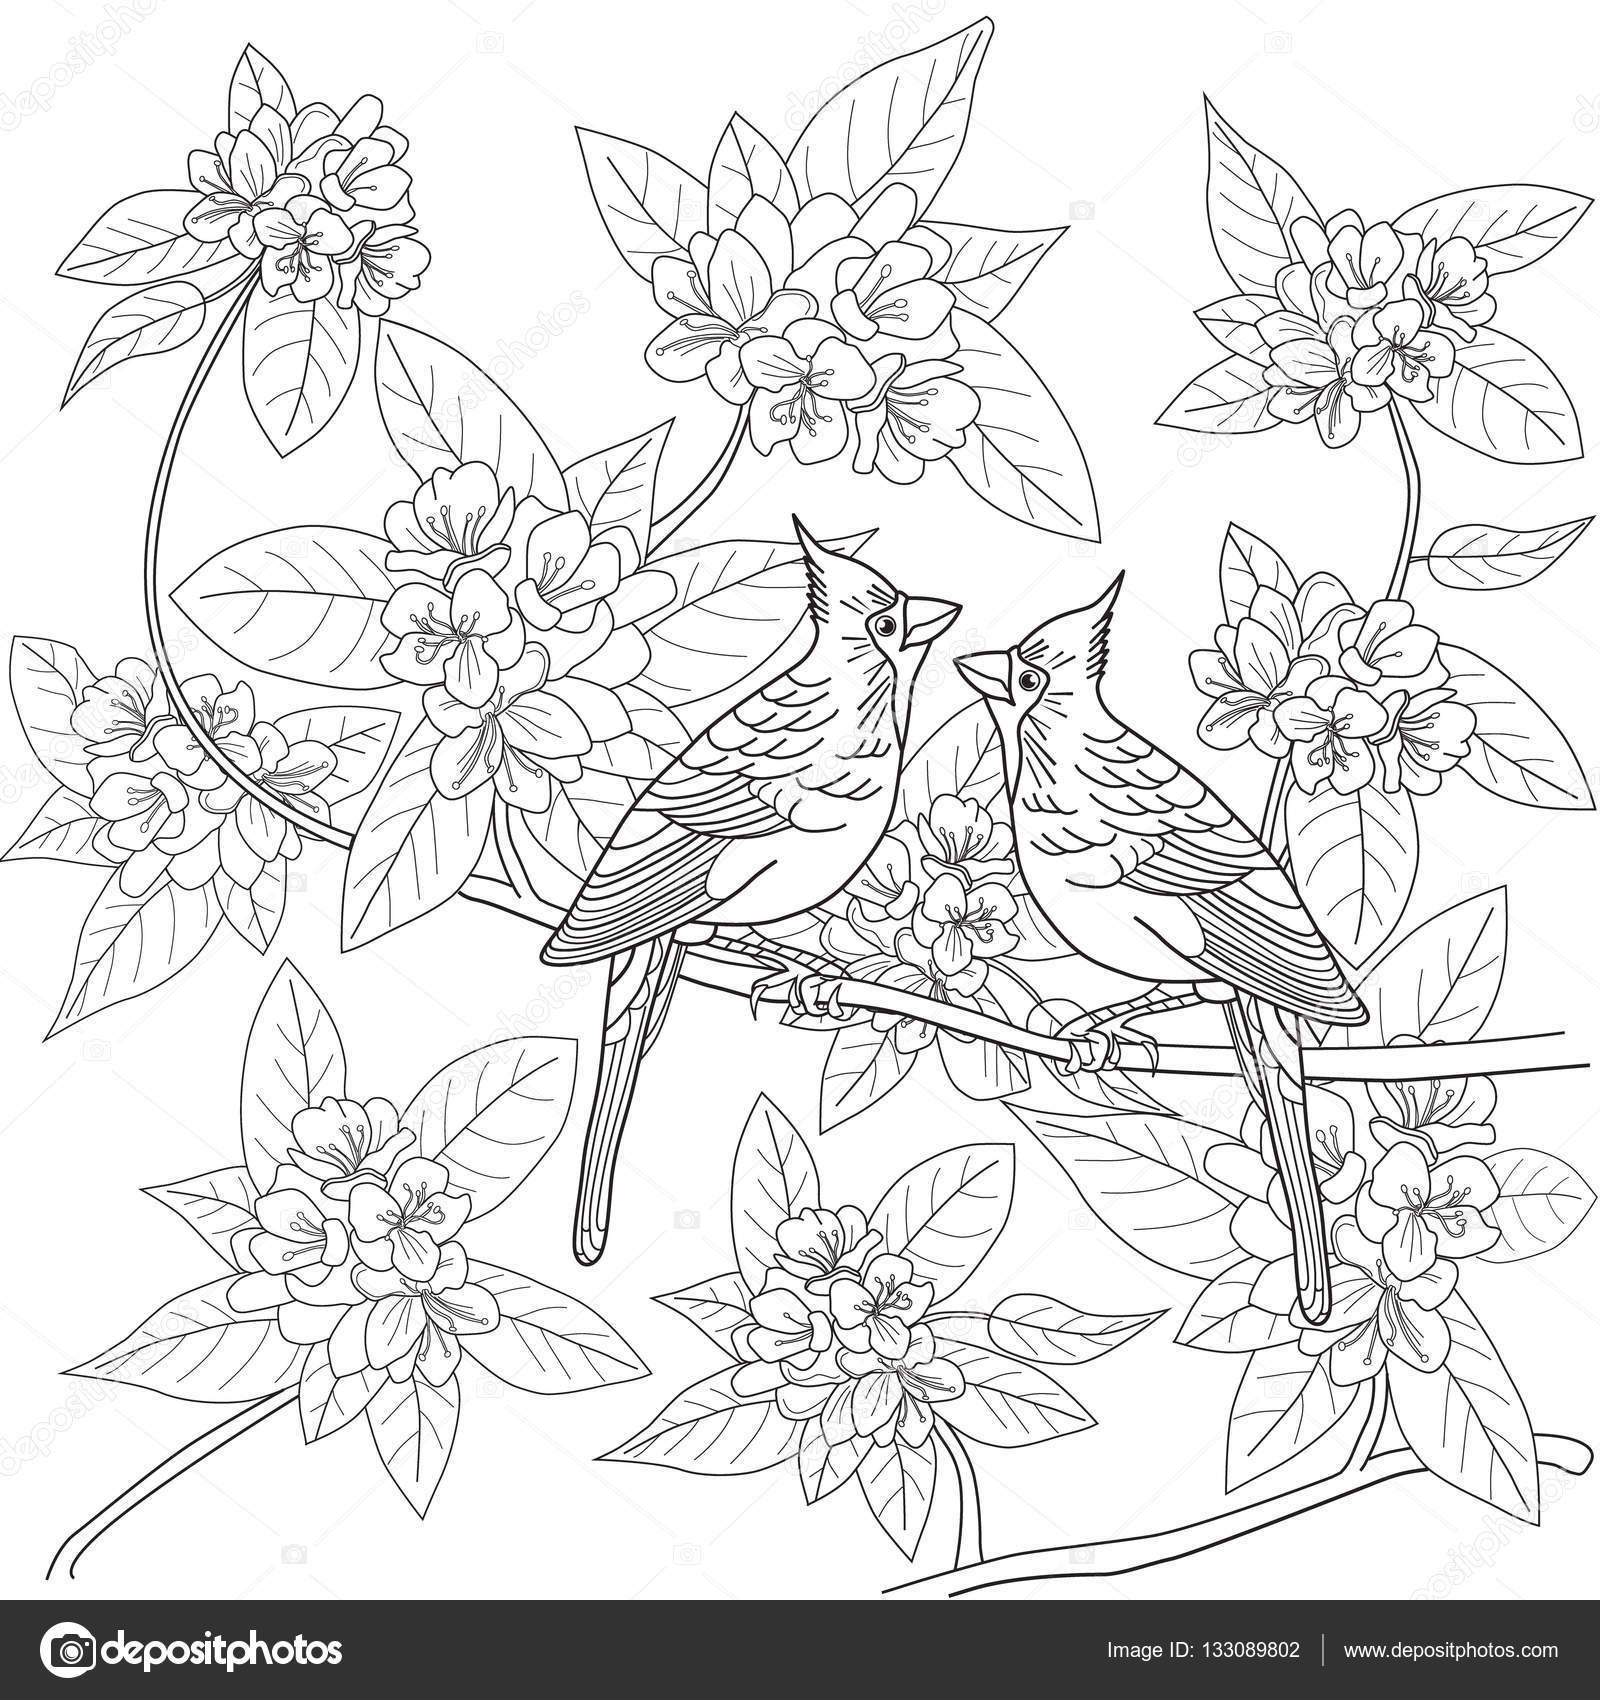 Kleurplaten Voor Volwassenen Met Bloemen.Kleurplaat Voor Volwassenen Met Vogels En Bloemen Stockvector